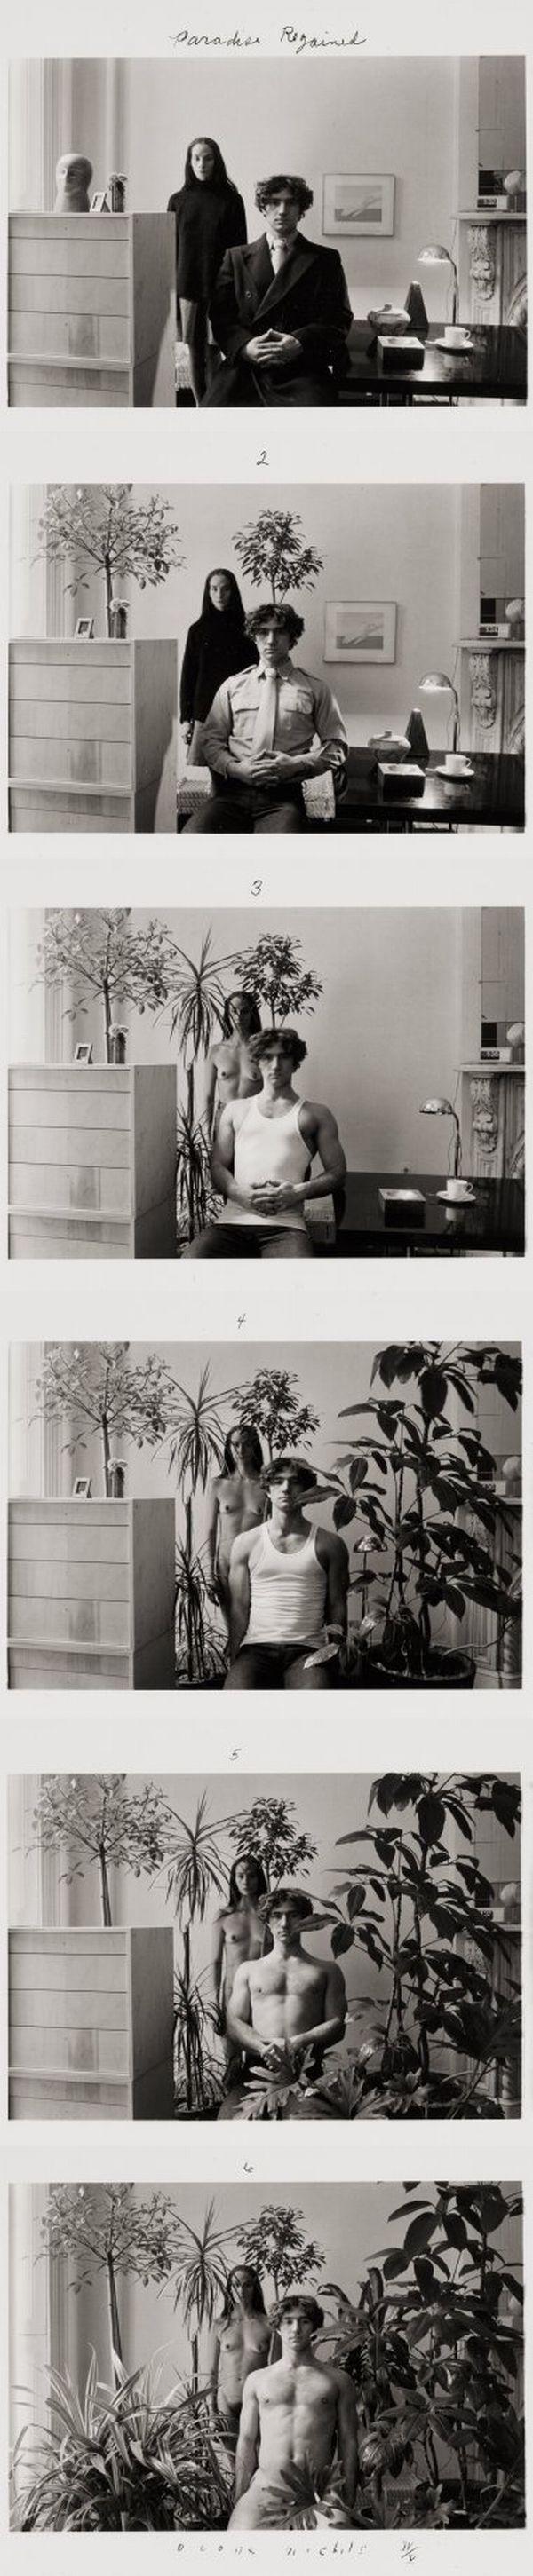 Les séquences photographiques de Duane Michals - La boite verte